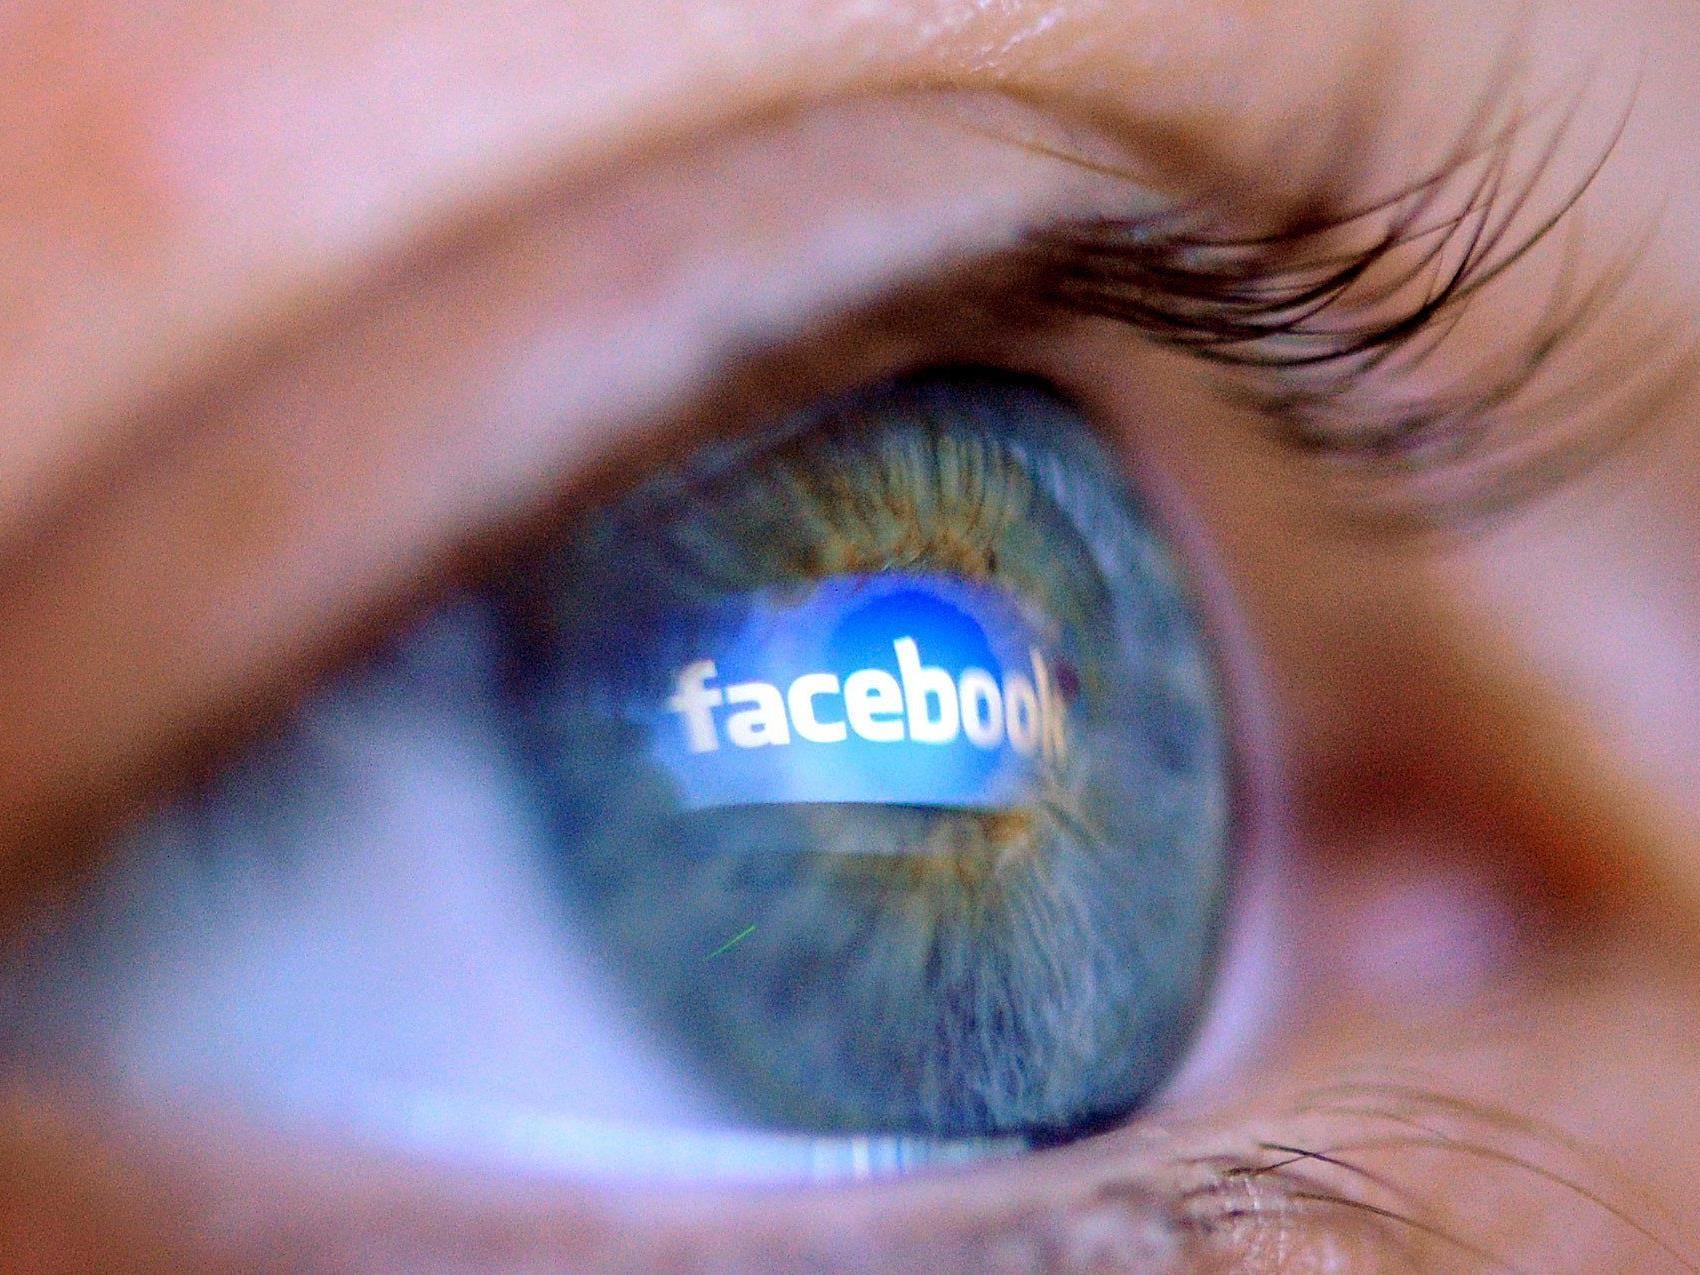 Freundin mit Machete umgebracht - Mord auf Facebook gestanden